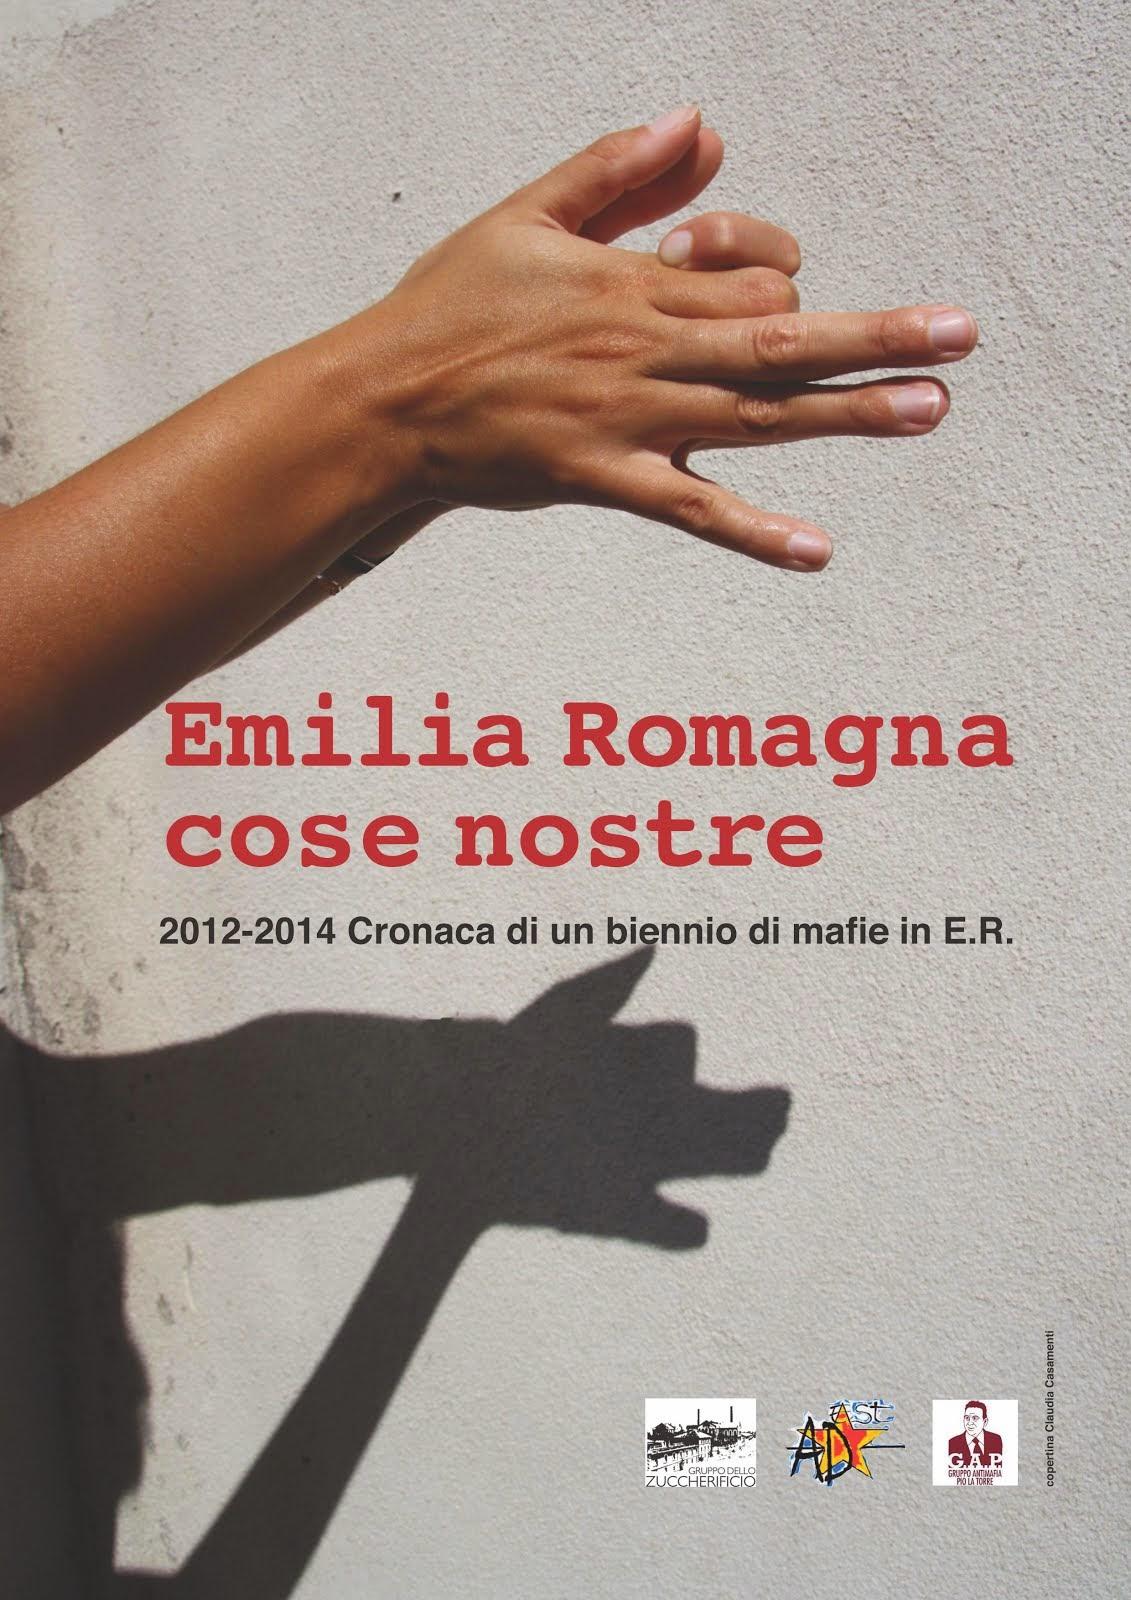 Emilia Romagna cose nostre